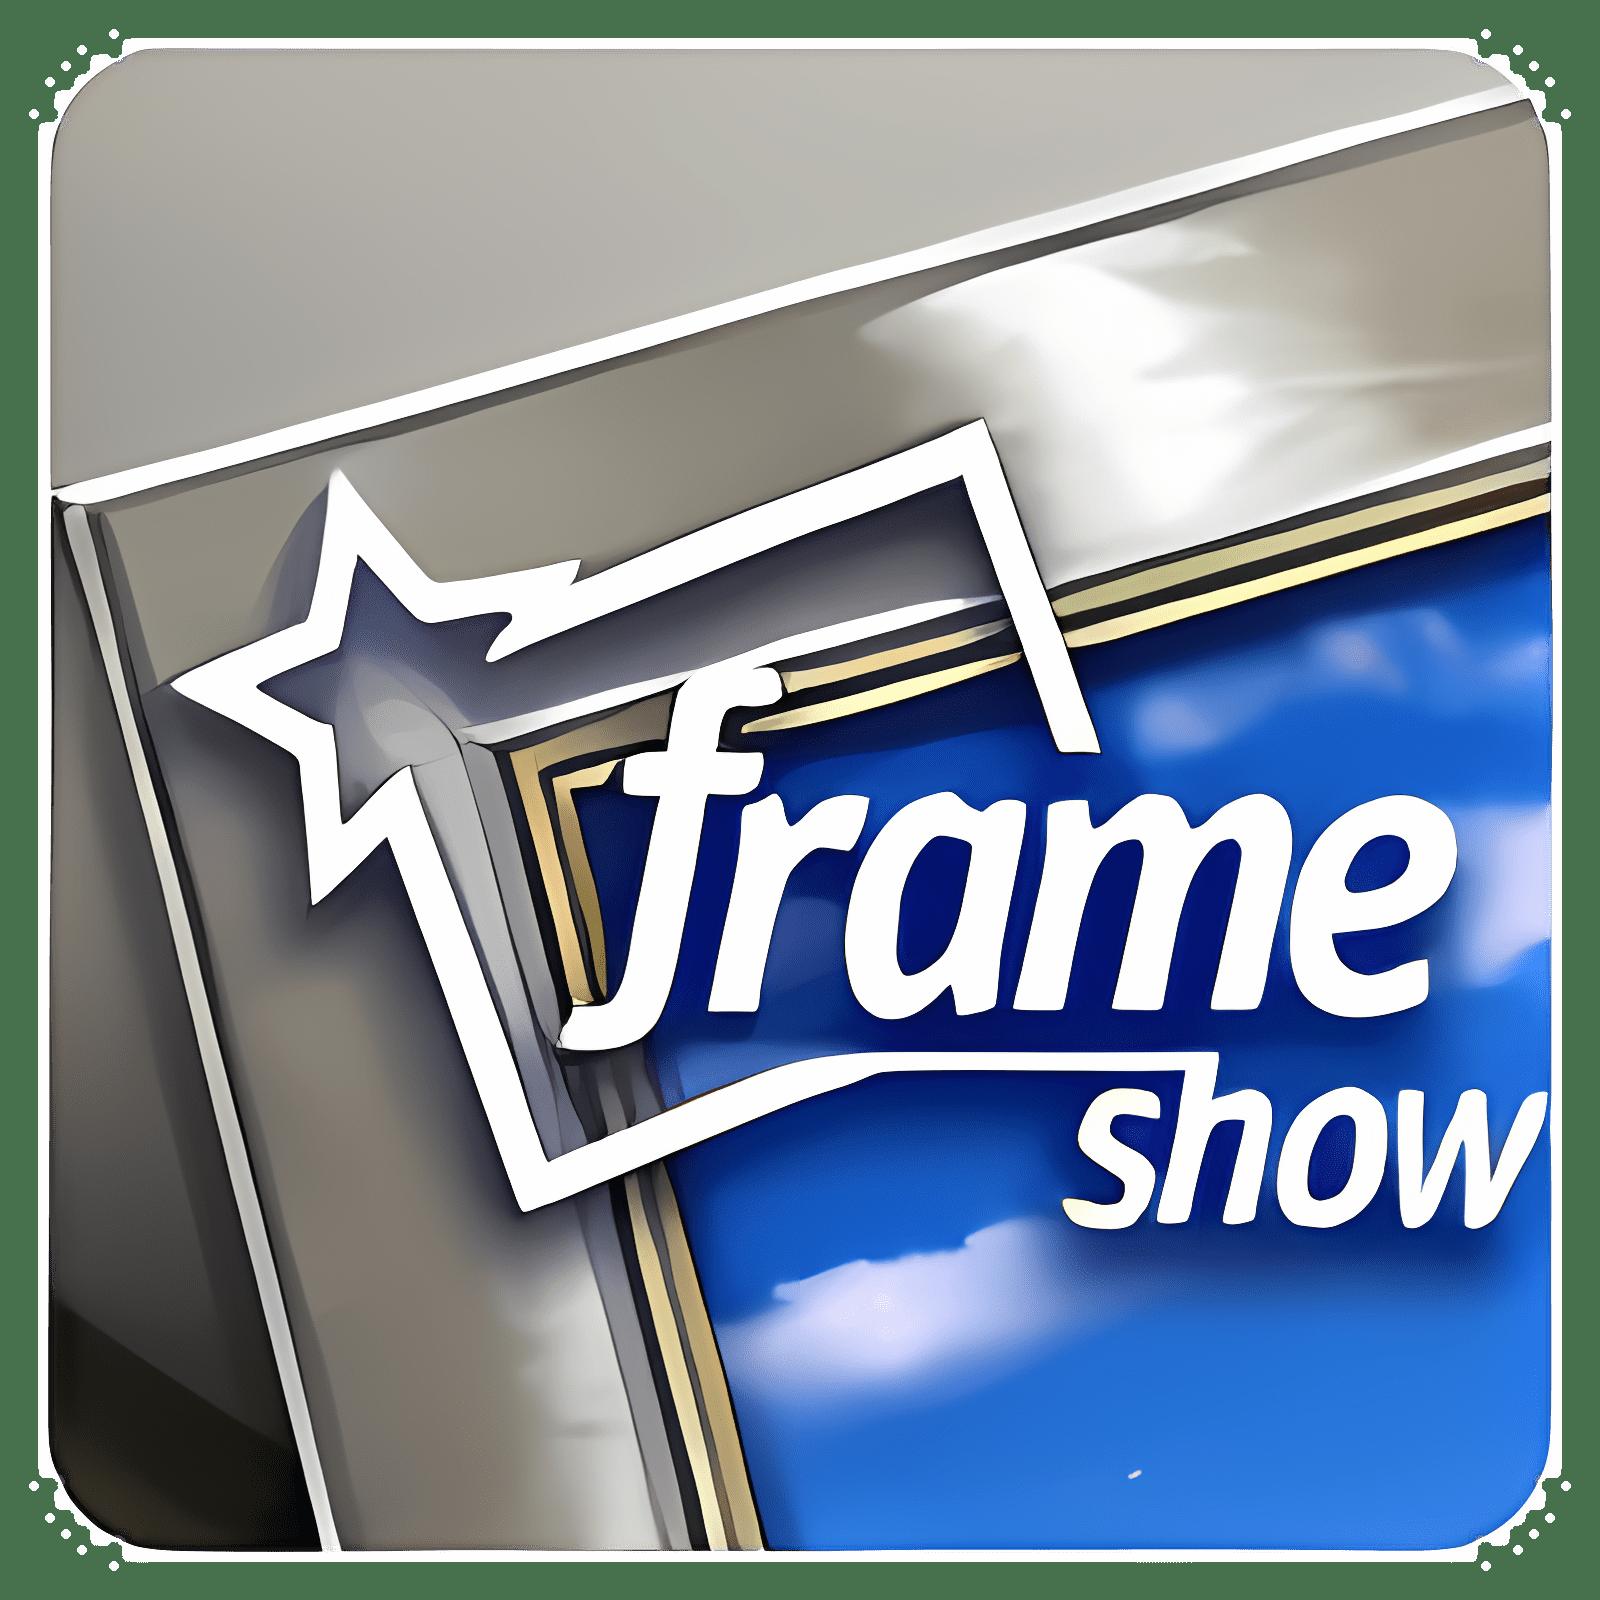 Photo Frame Show